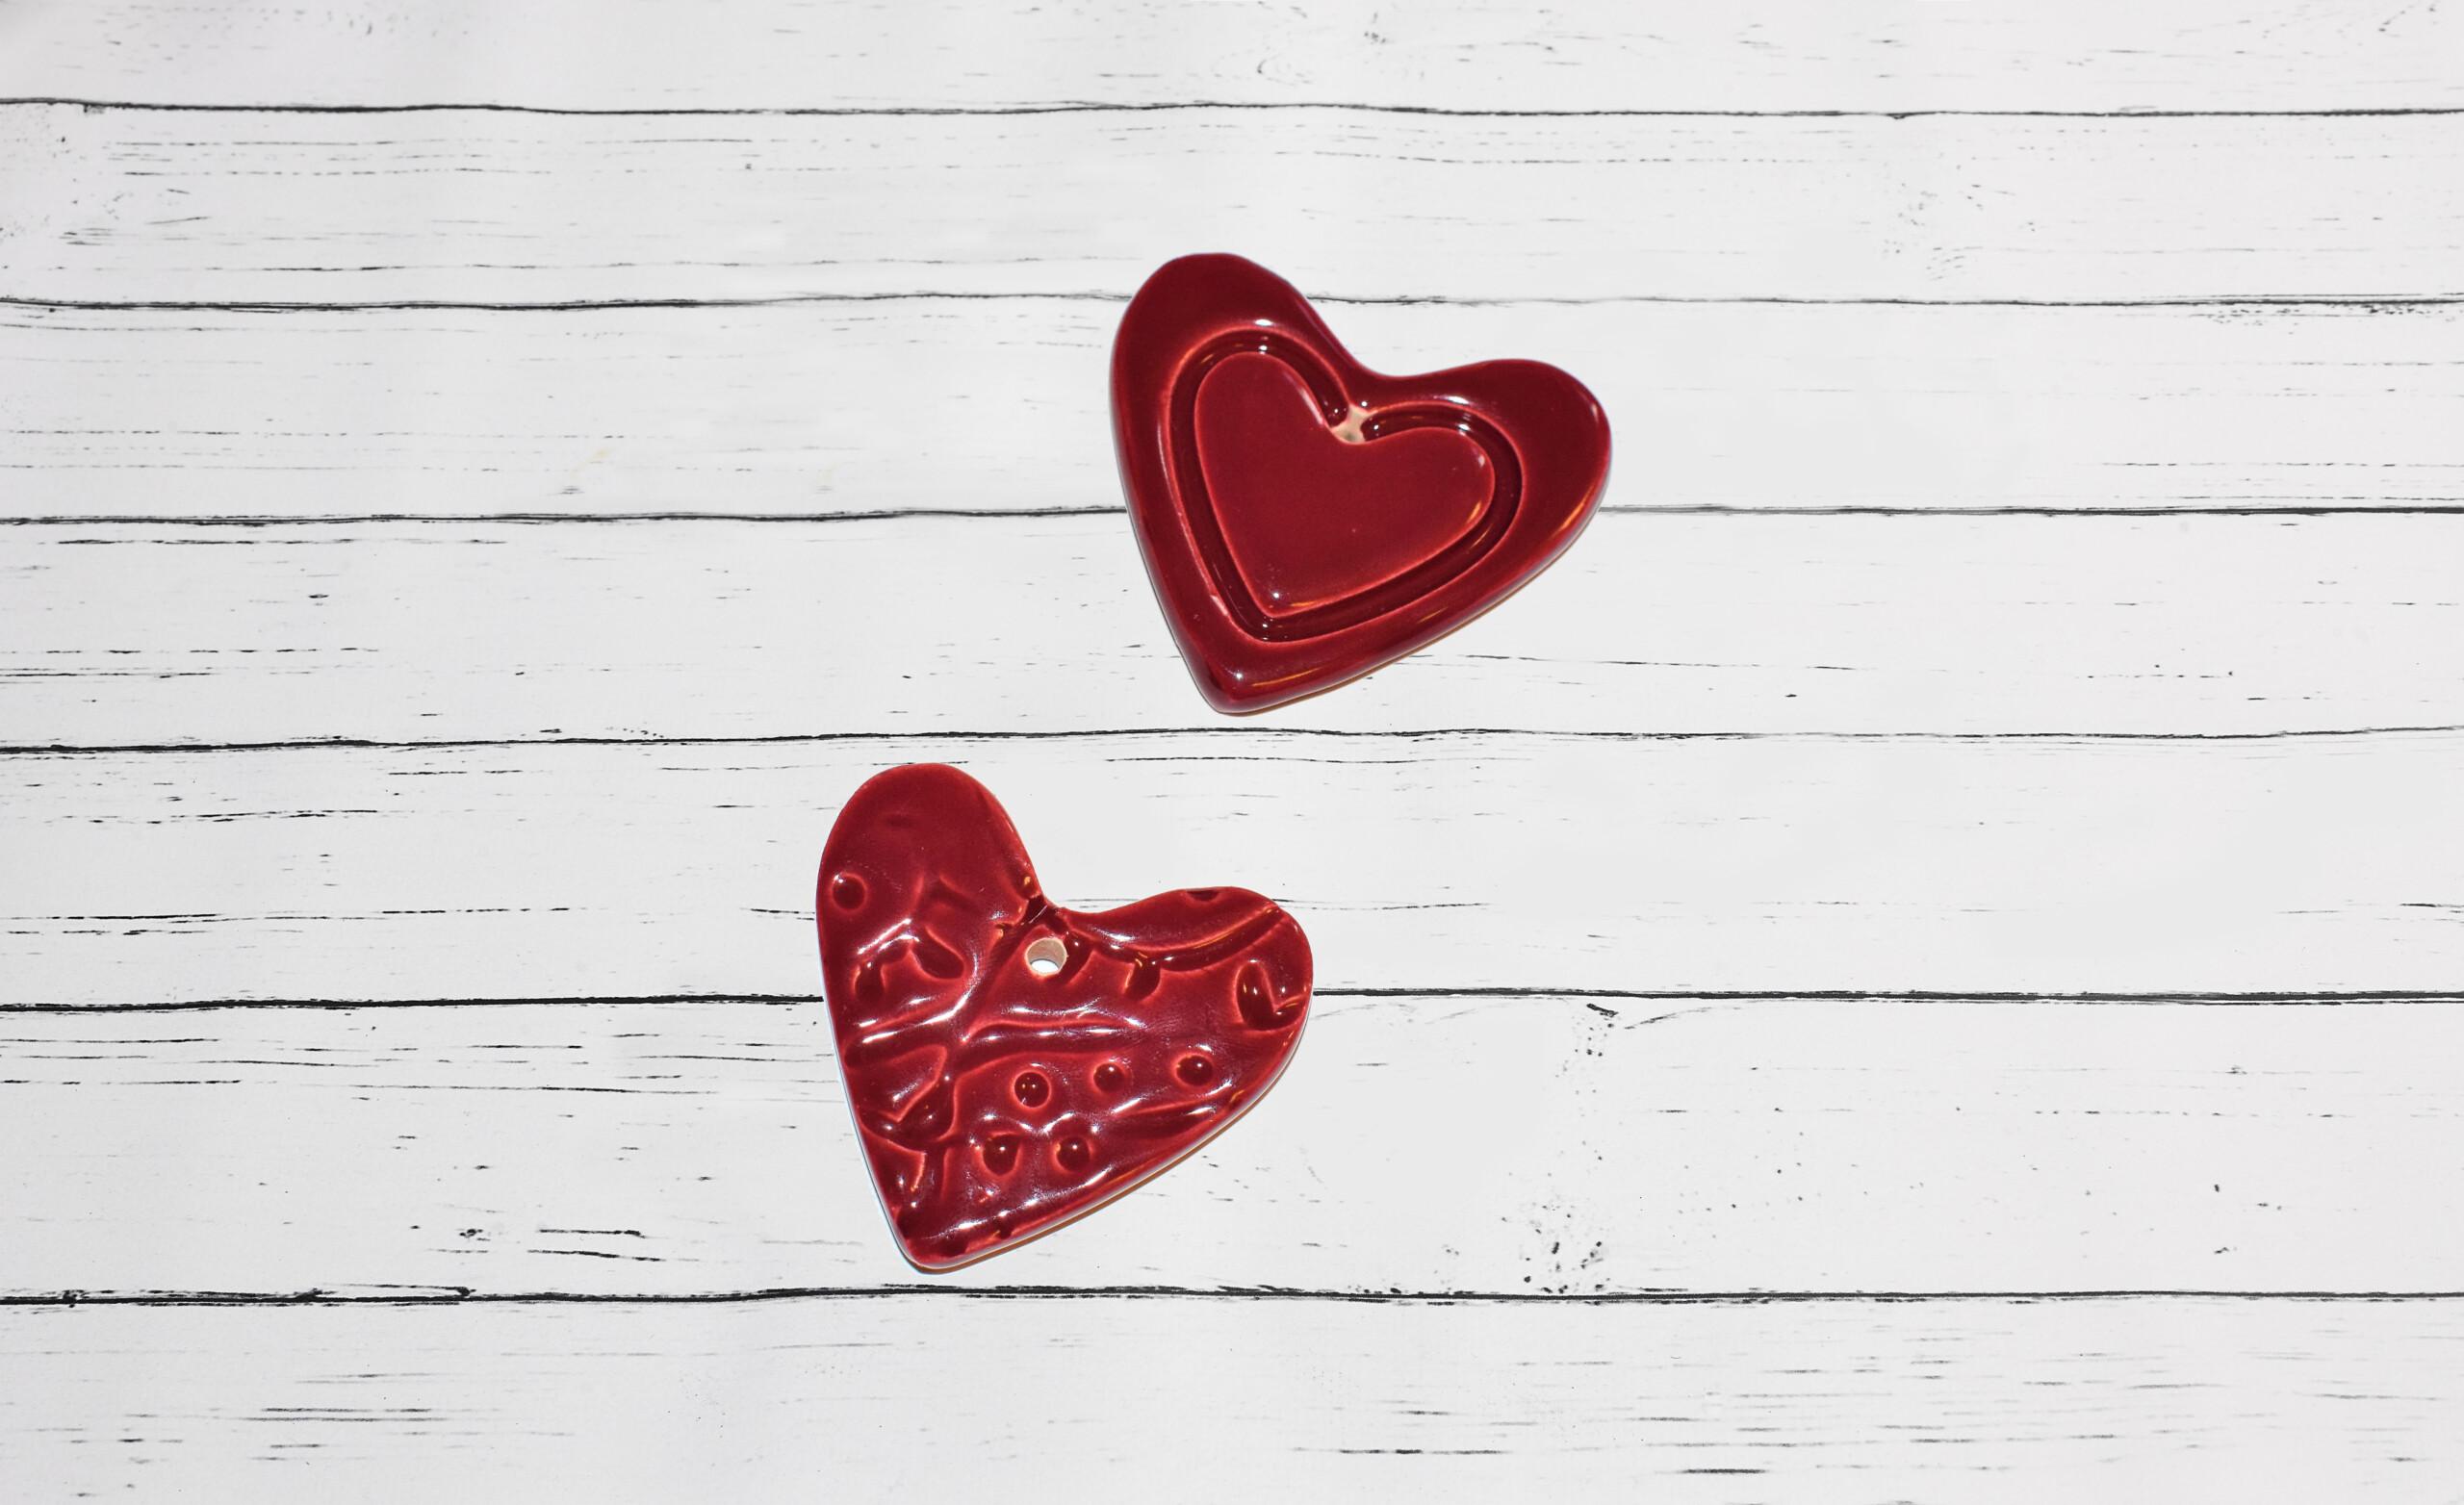 Copia-di-cuore-bordeaux